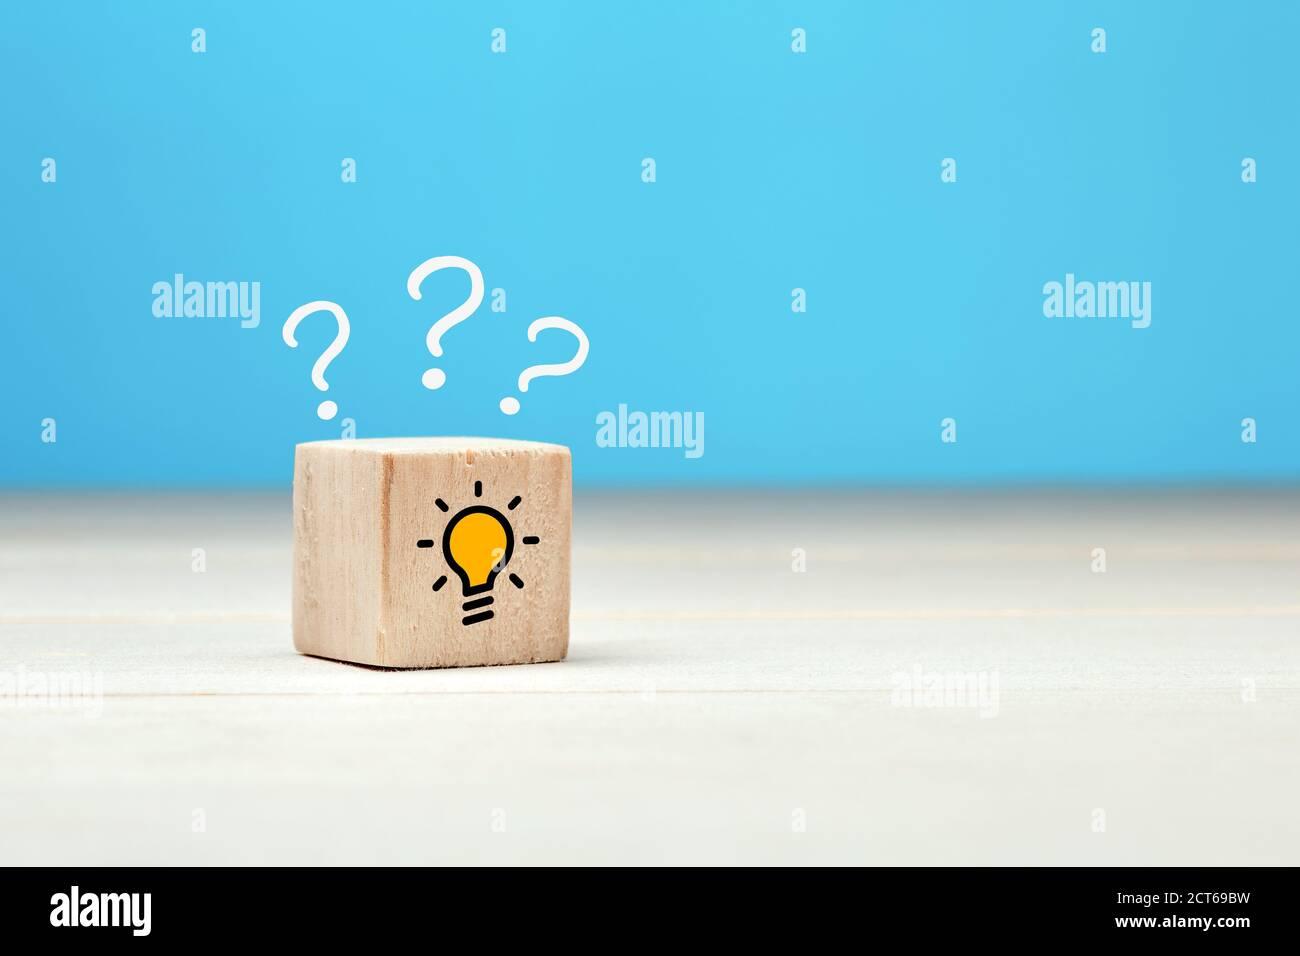 Kreative Idee, Lösung oder Problemlösungskonzept. Fragezeichen und Glühbirne Symbole auf Holzwürfel auf blauem Hintergrund. Stockfoto